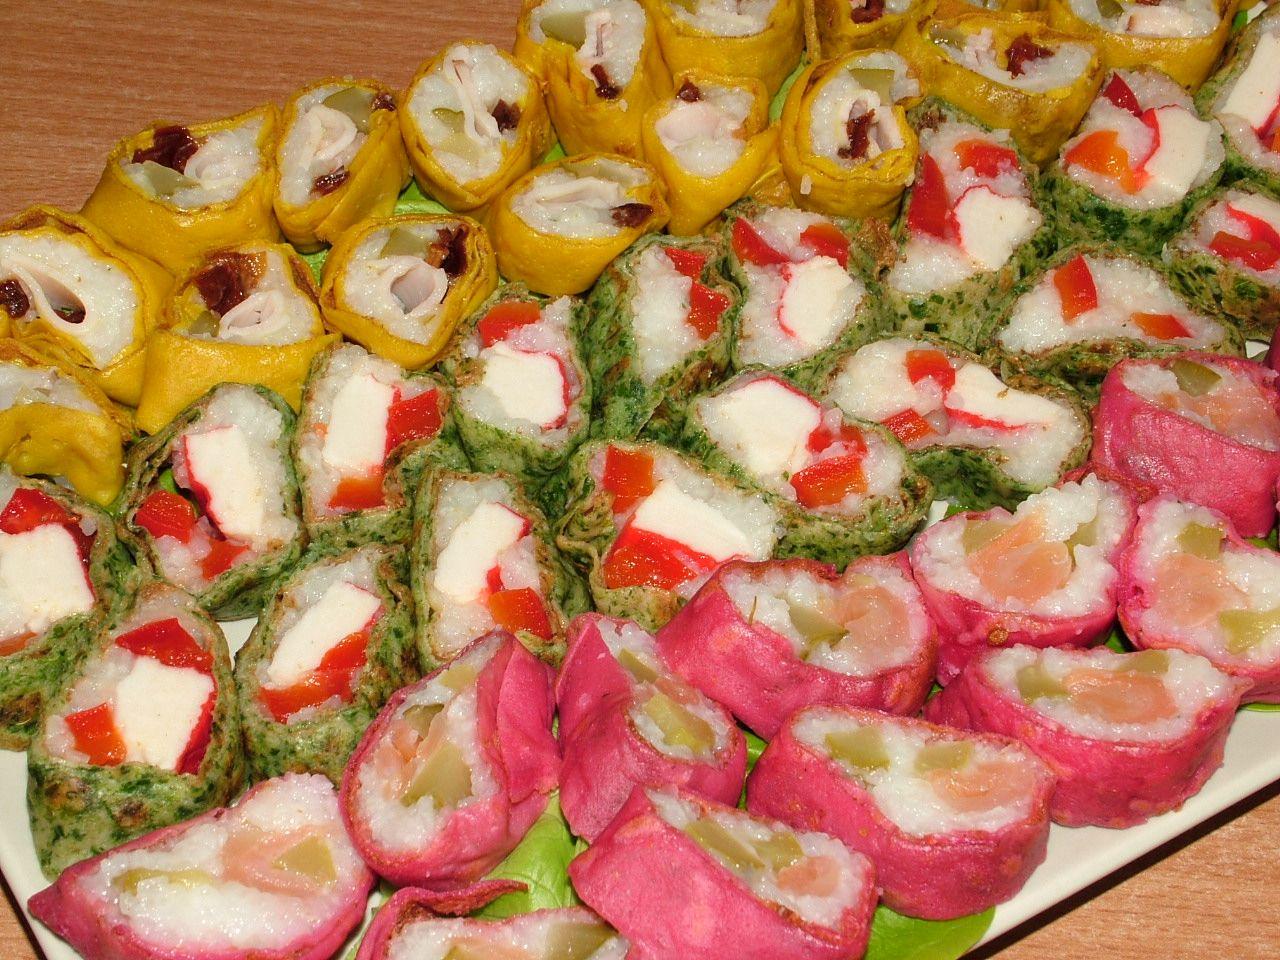 Naleśnikowe sushi w trzech kolorach